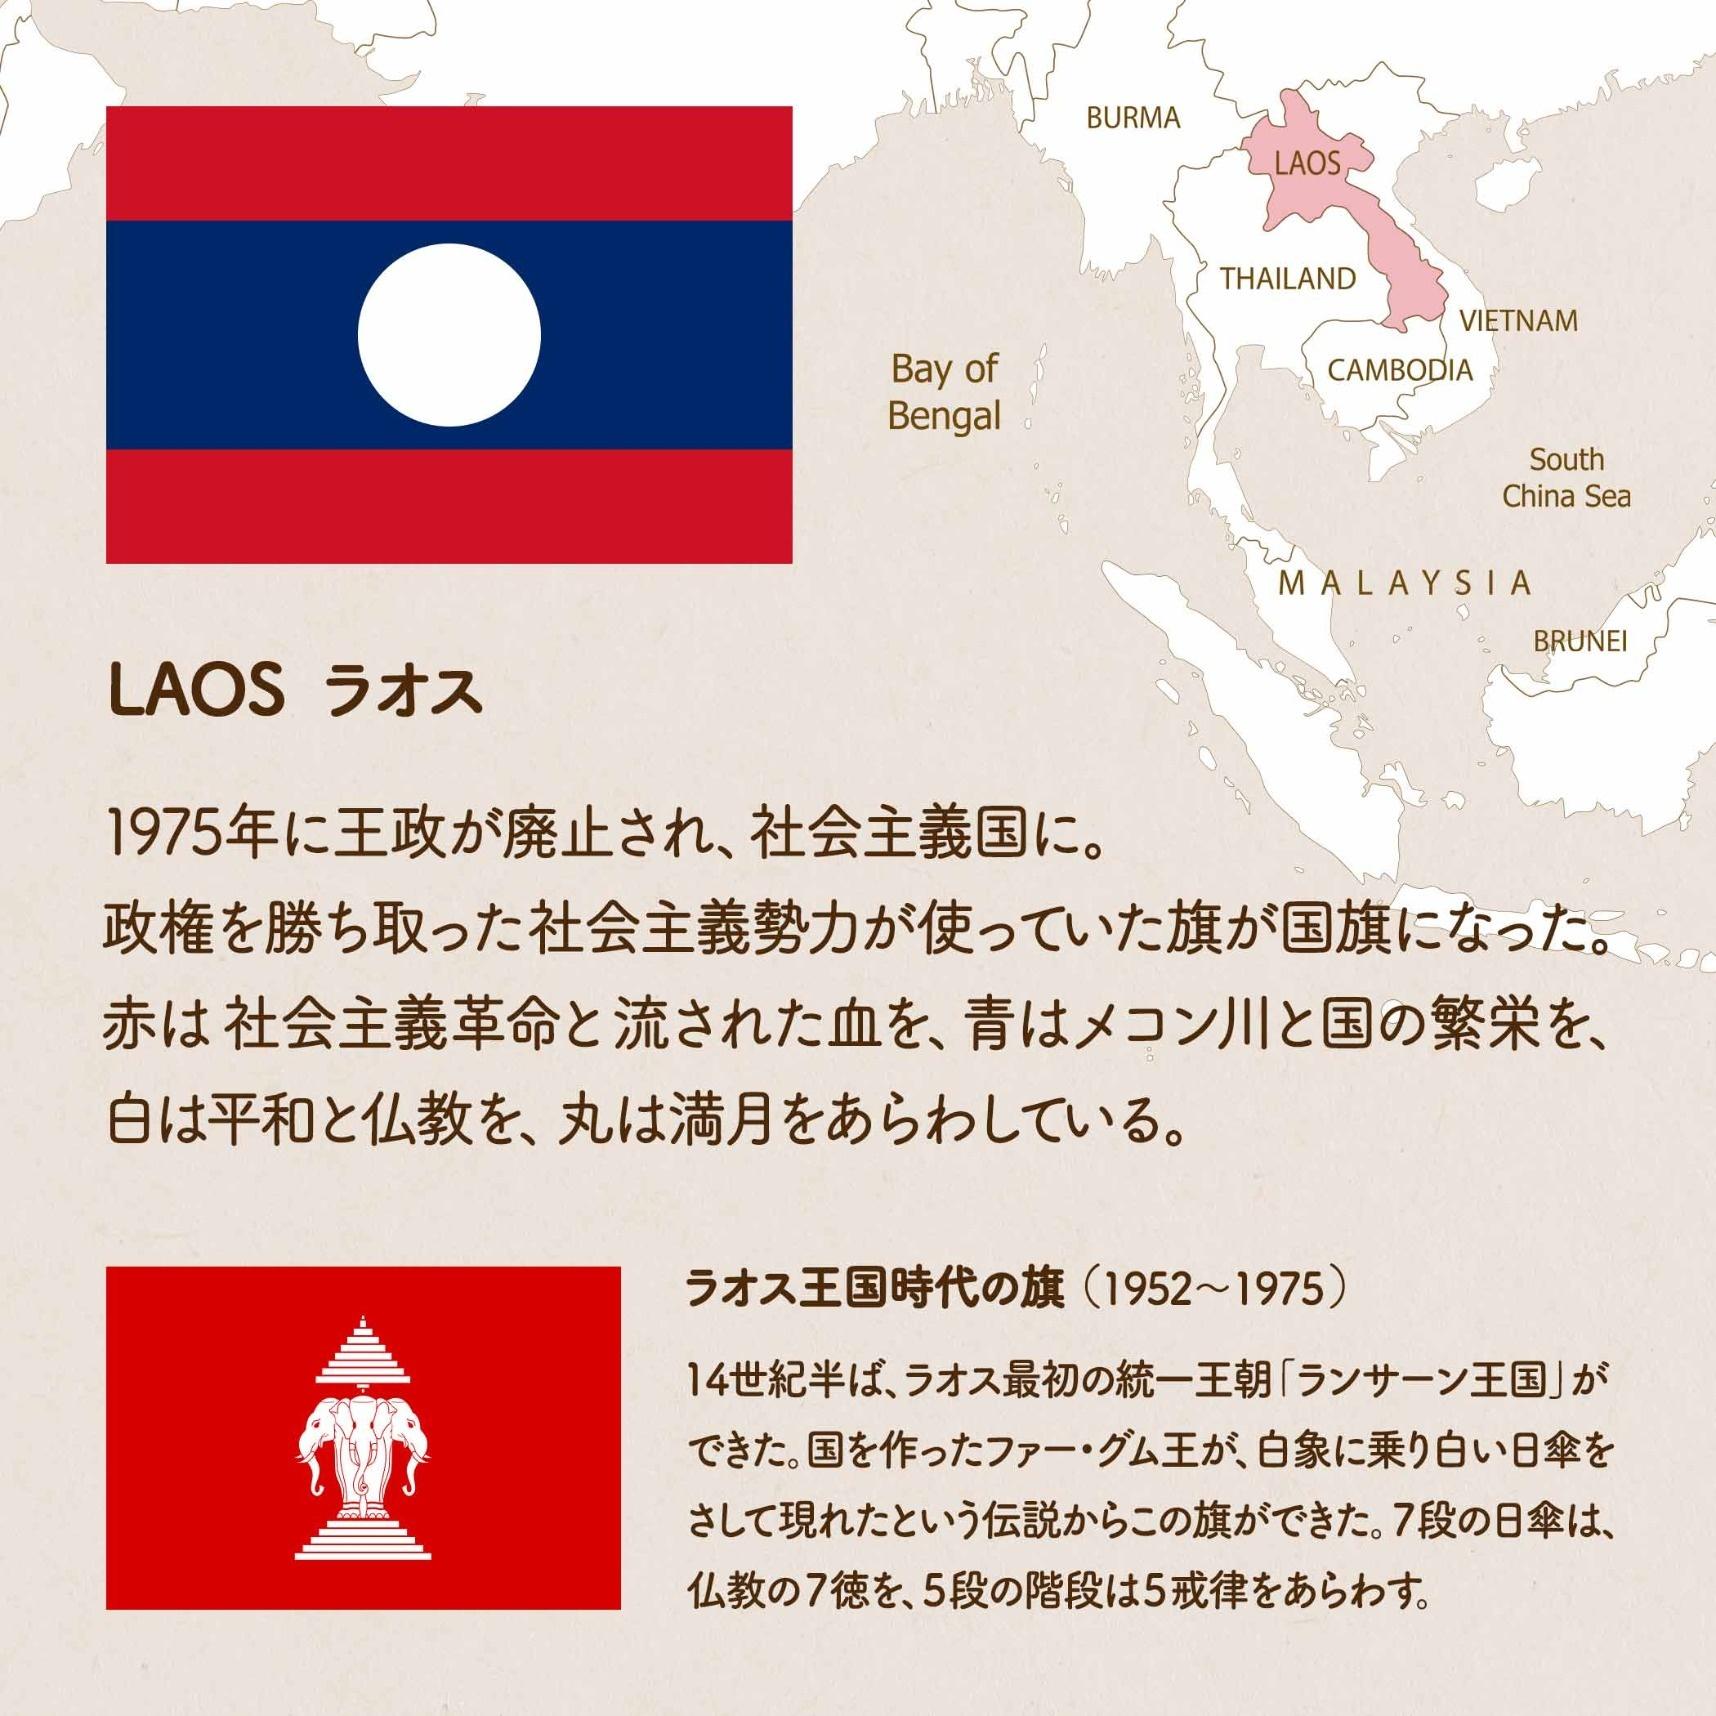 LAOS ラオス/1975年に王政が廃止され、社会主義国に。政権を勝ち取った社会主義勢力が使っていた旗が国旗になった。赤は社会主義革命と流された血を、青はメコン川と国の繁栄を、白は平和と仏教を、丸は満月をあらわしている。 ラオス王国時代の旗(1952〜1975)14世紀半ば、ラオス最初の統一王朝「ランサーン王国」ができた。国を作ったファー・グム王が、白象に乗り白い日傘をさして現れたという伝説からこの旗ができた。7段の日傘は、仏教の7徳を、5段の階段は5戒律をあらわす。